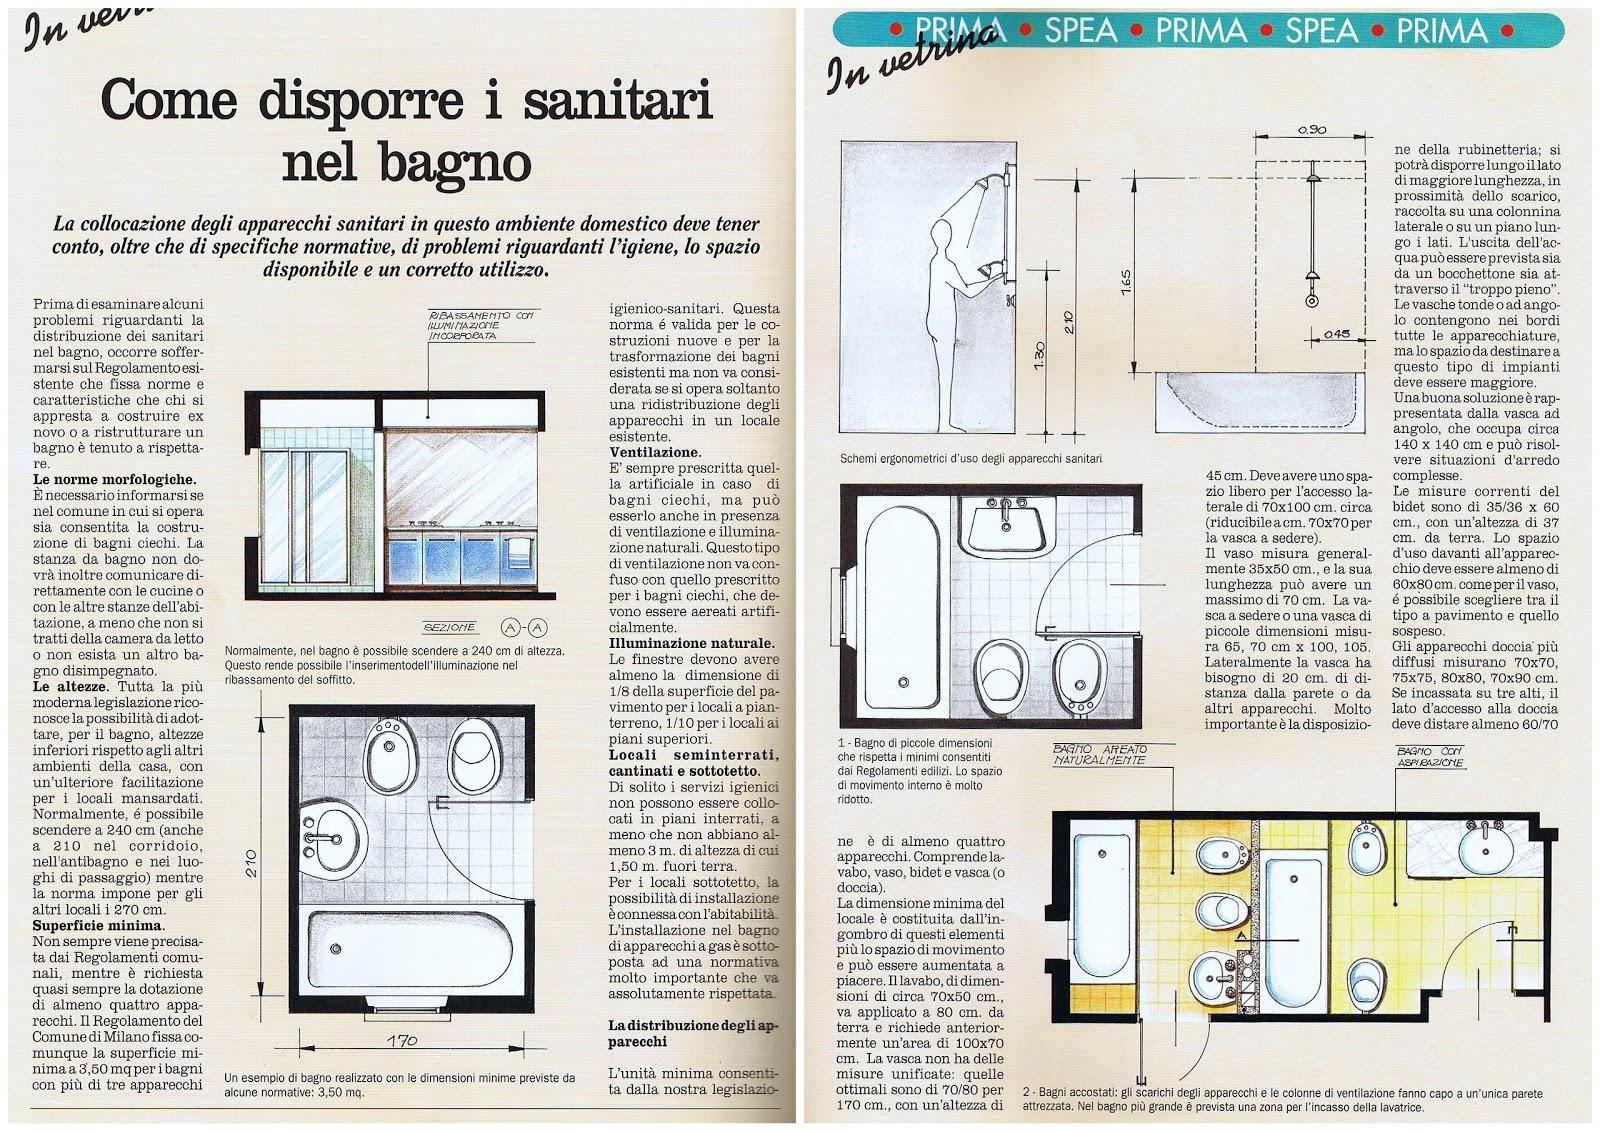 Passionecasa appunti di architettura come disporre i sanitari nel bagno - Come sbiancare i sanitari del bagno ...